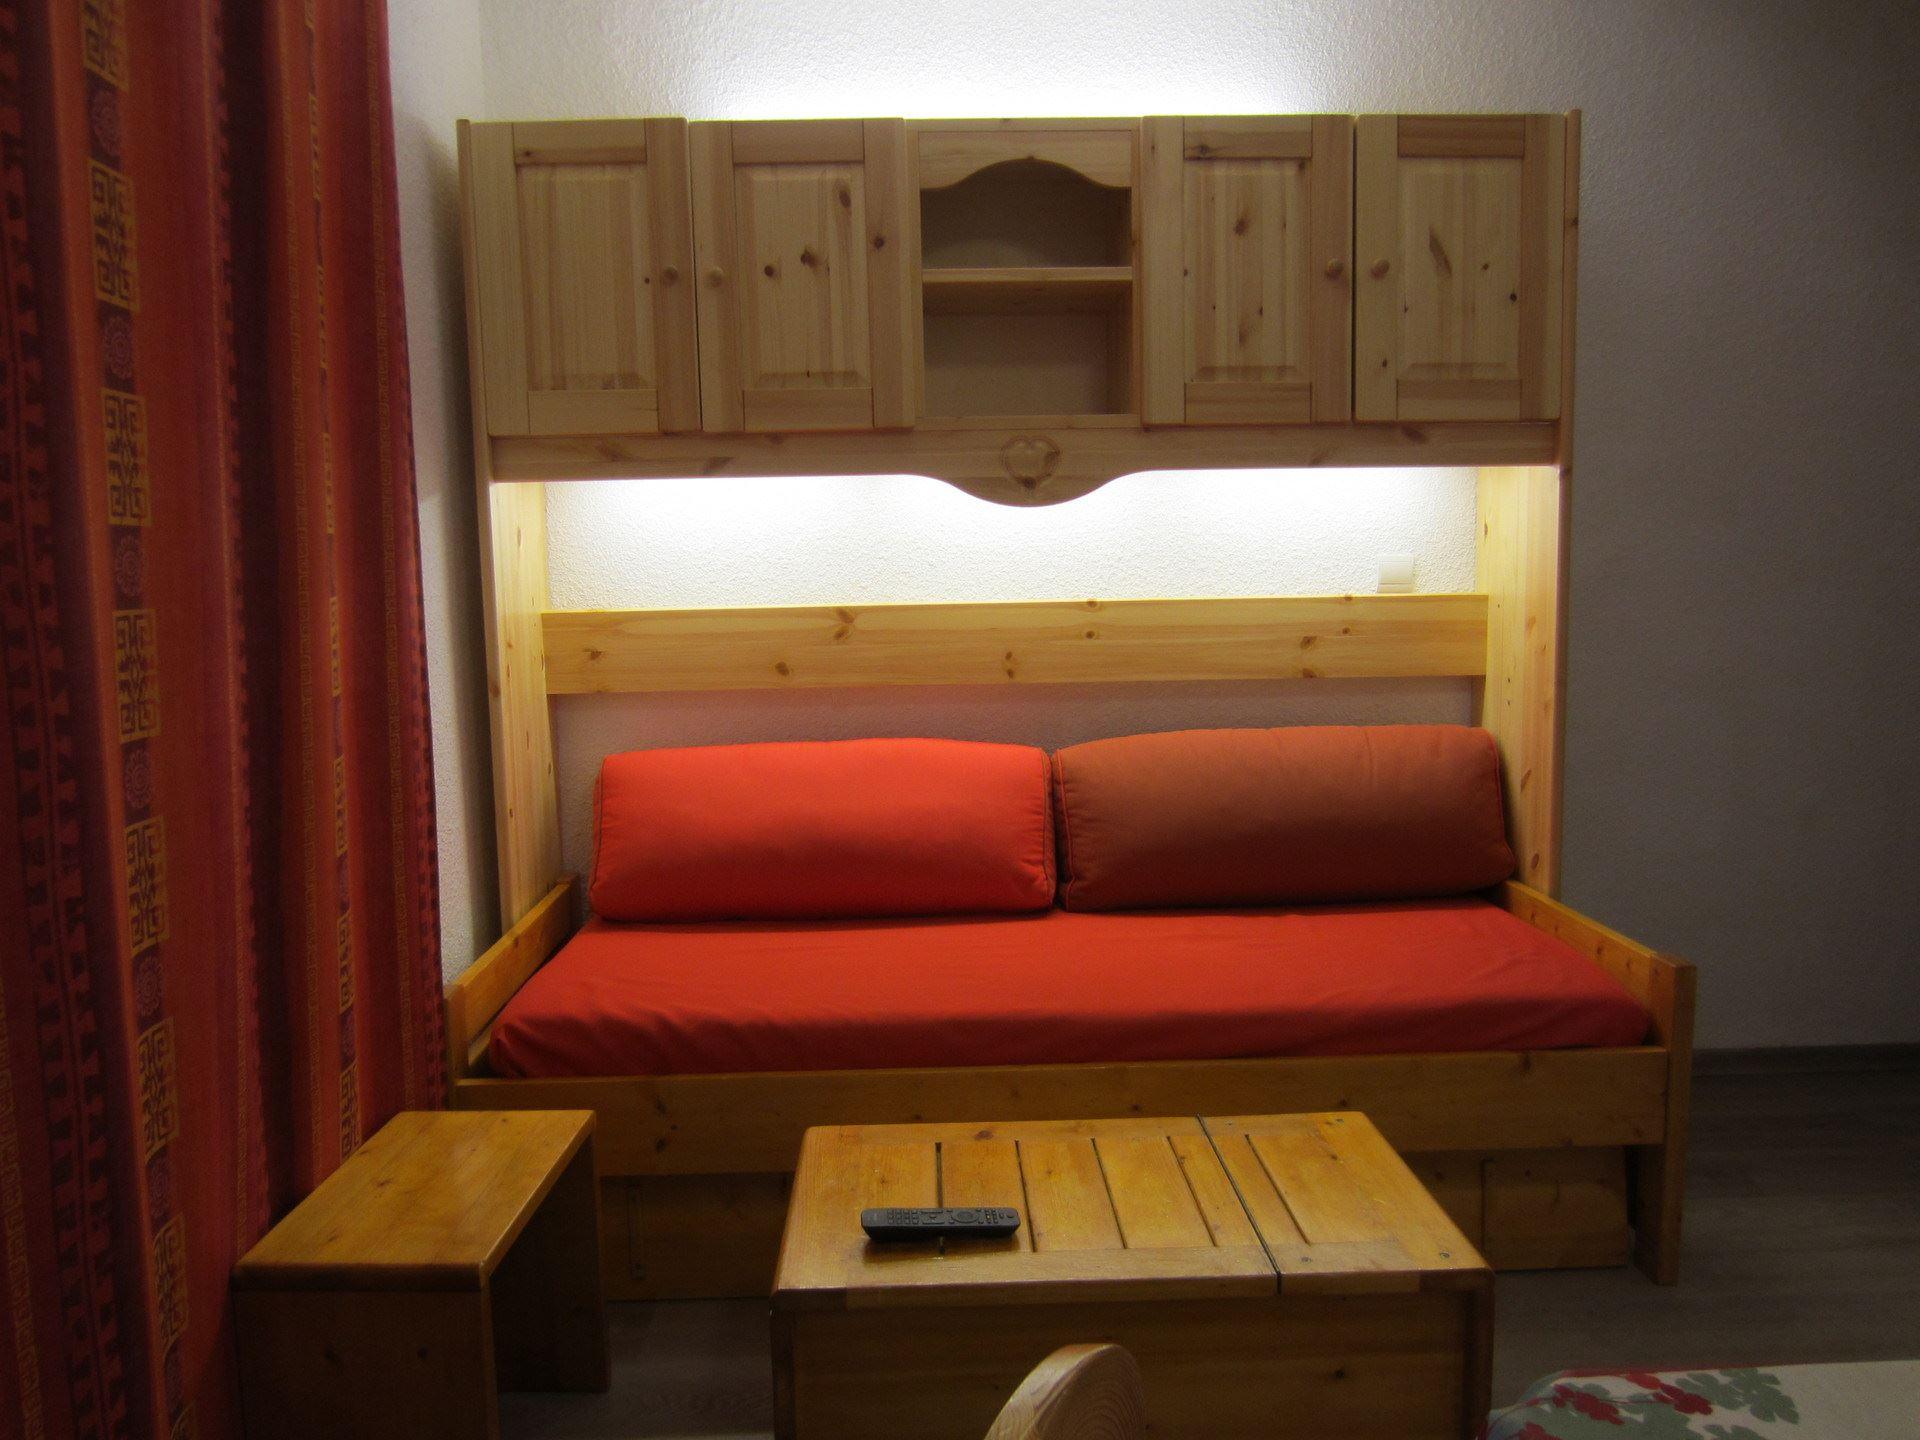 Studio cabin 4 Pers ski-in ski-out / SORBIER 224